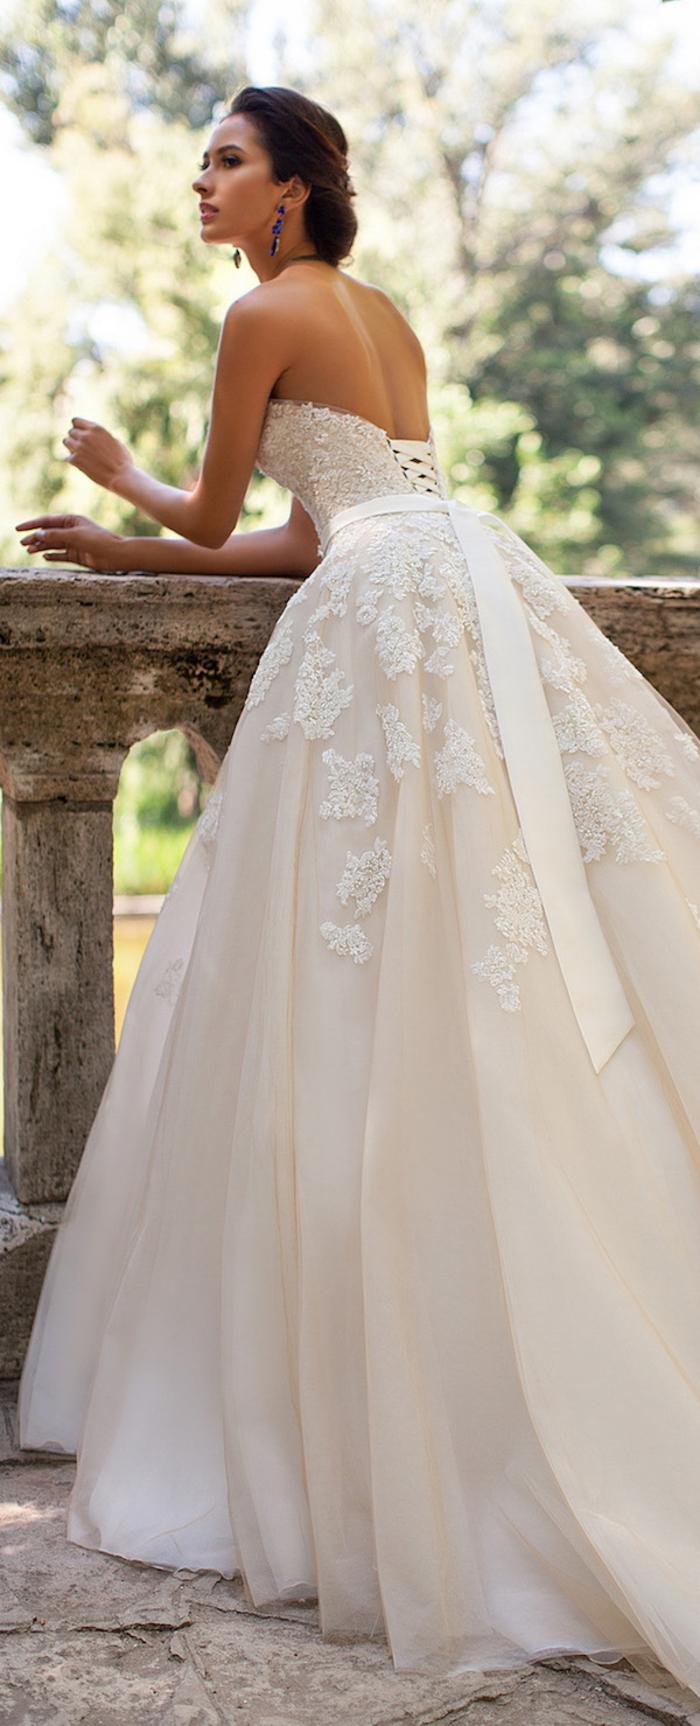 Sposa con capelli legati, abiti da sposa principeschi, vestito bianco con ricami